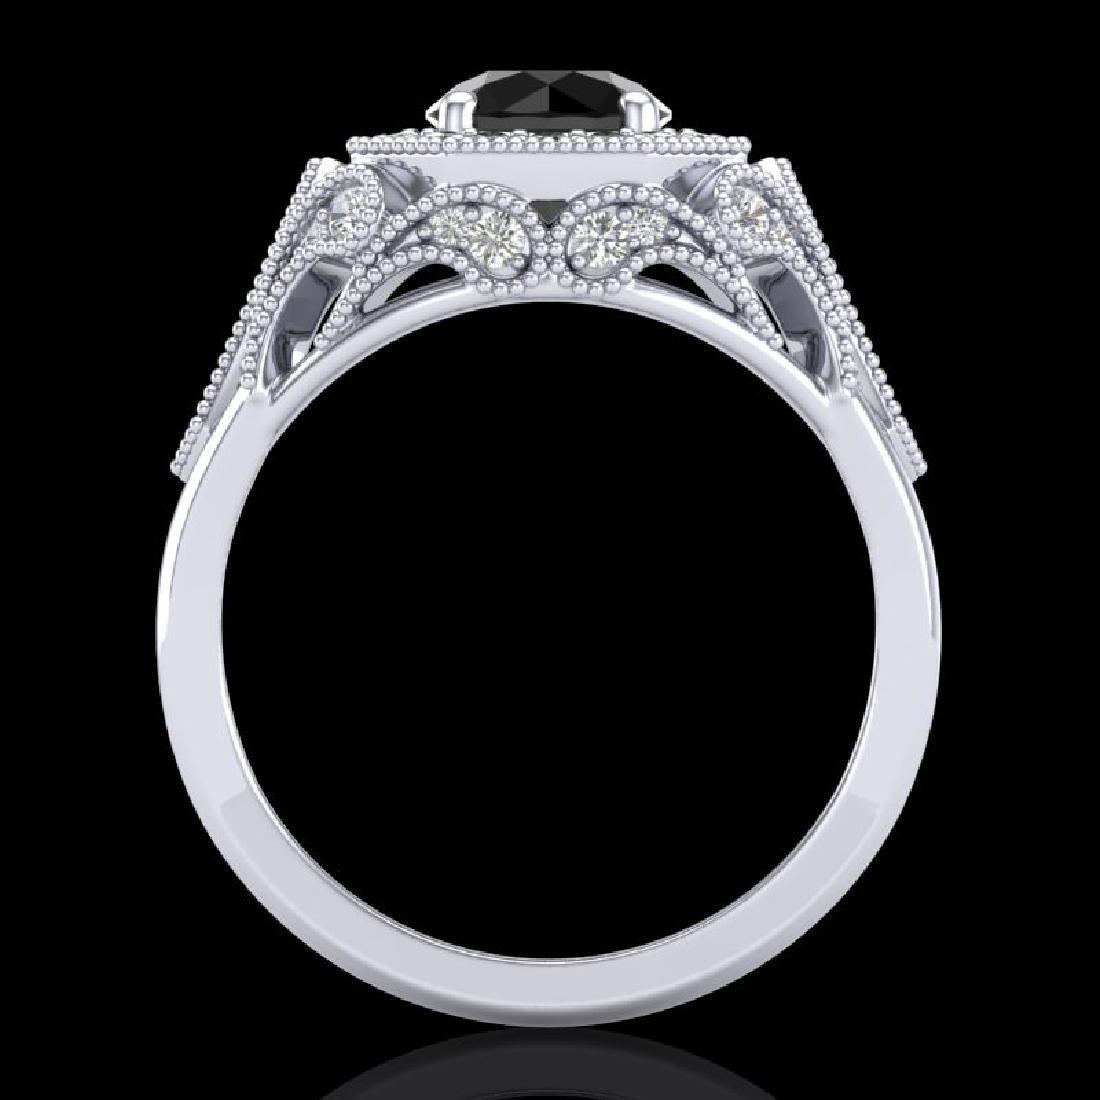 1.75 CTW Fancy Black Diamond Solitaire Engagement Art - 3